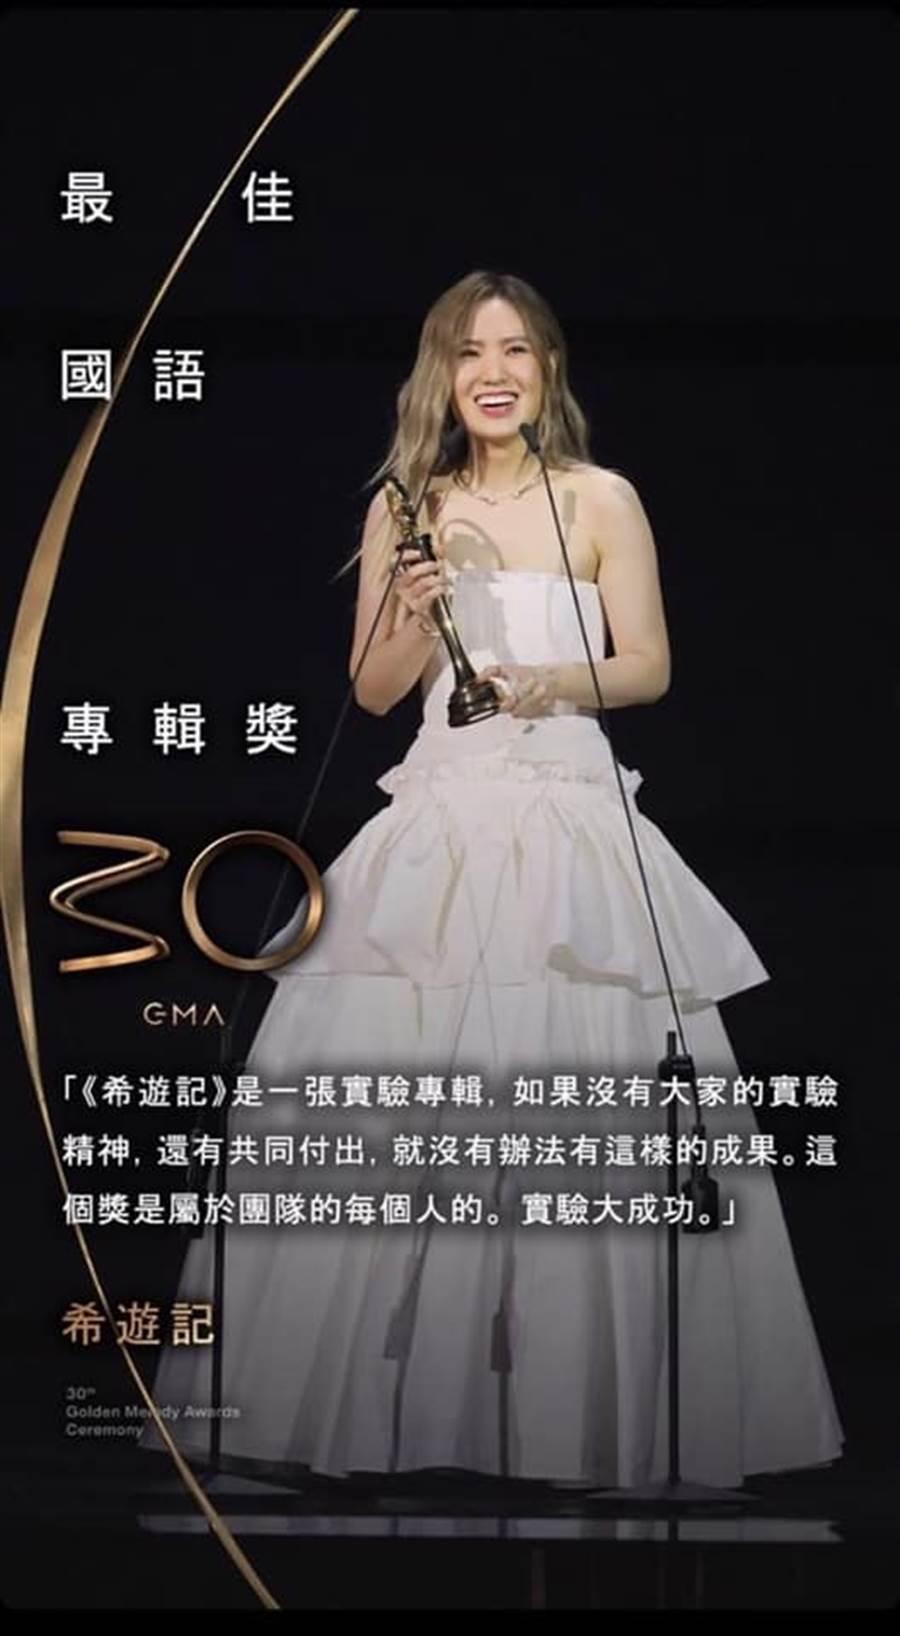 孫盛希獲得金曲30最佳國語專輯獎。(圖/FB@孫盛希)